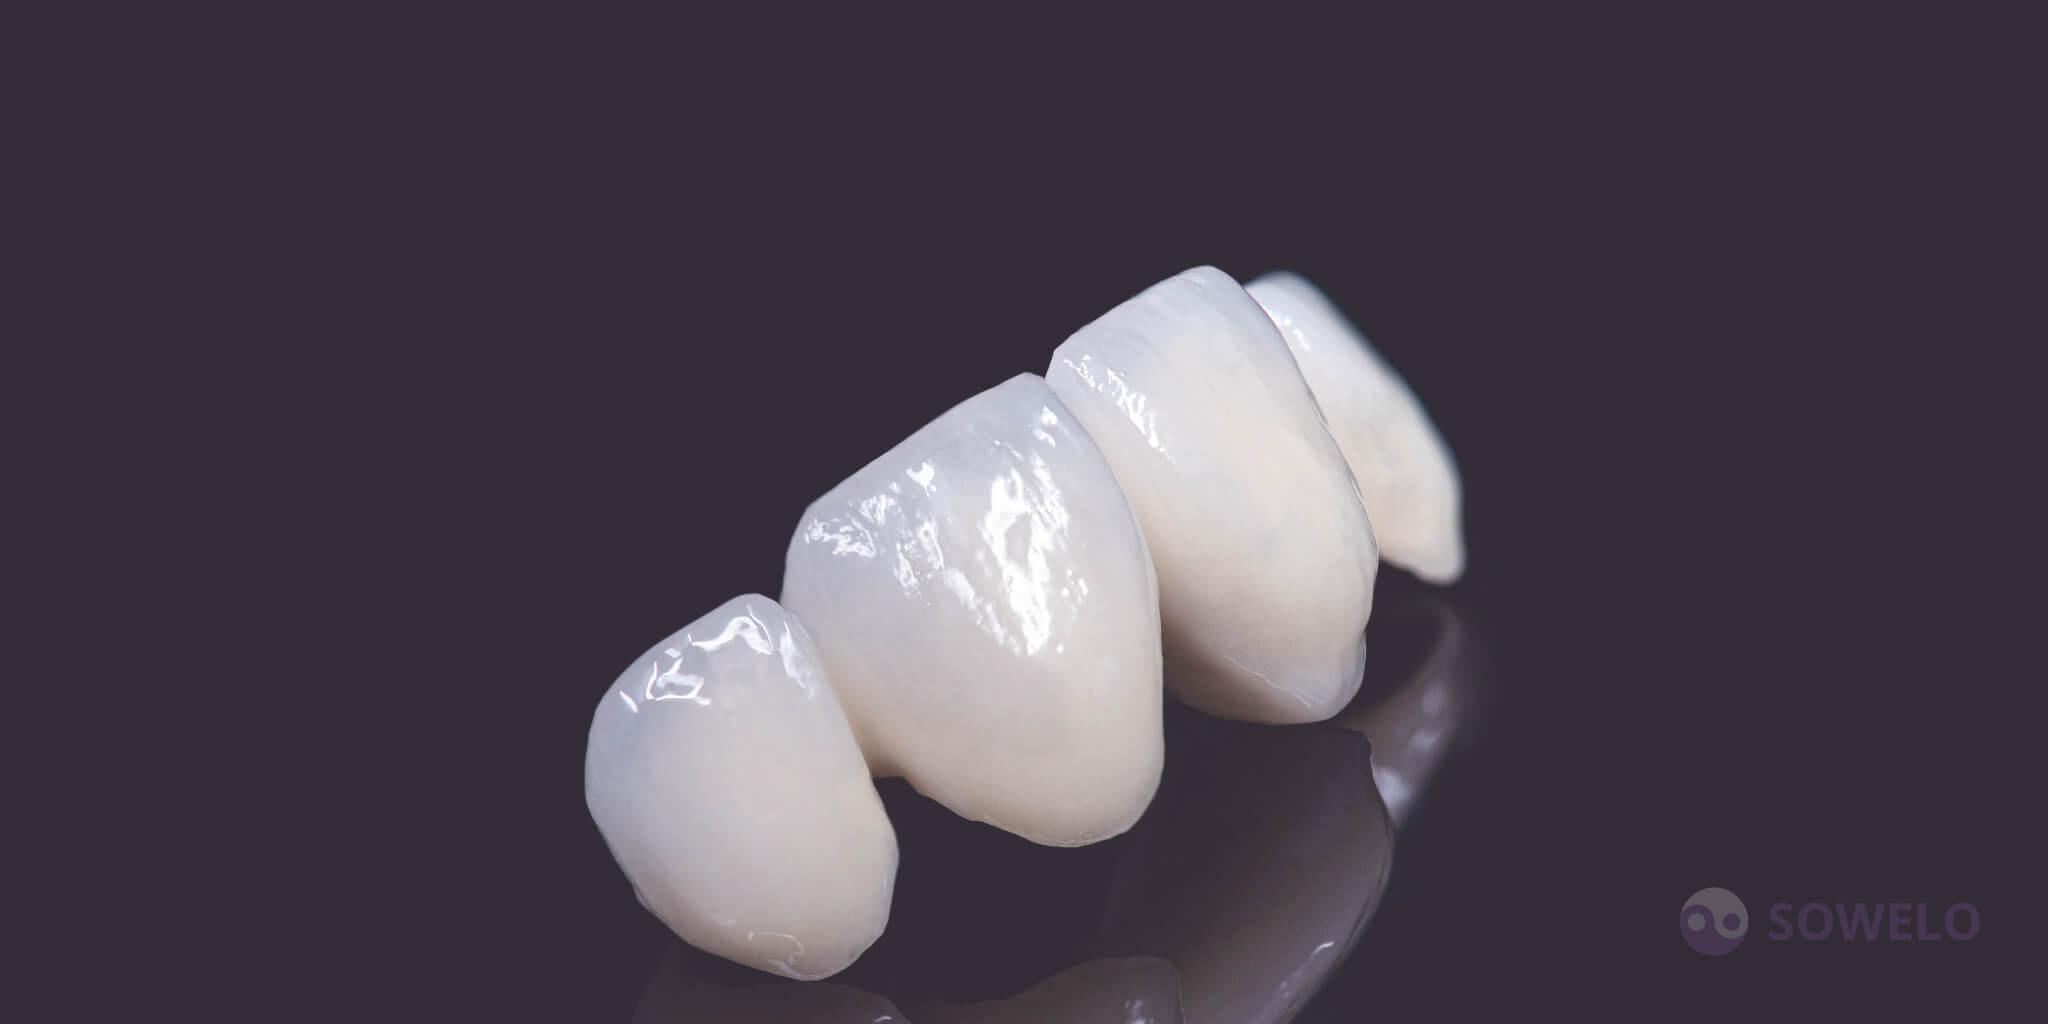 Kovinsko porcelanske zobne prevleke